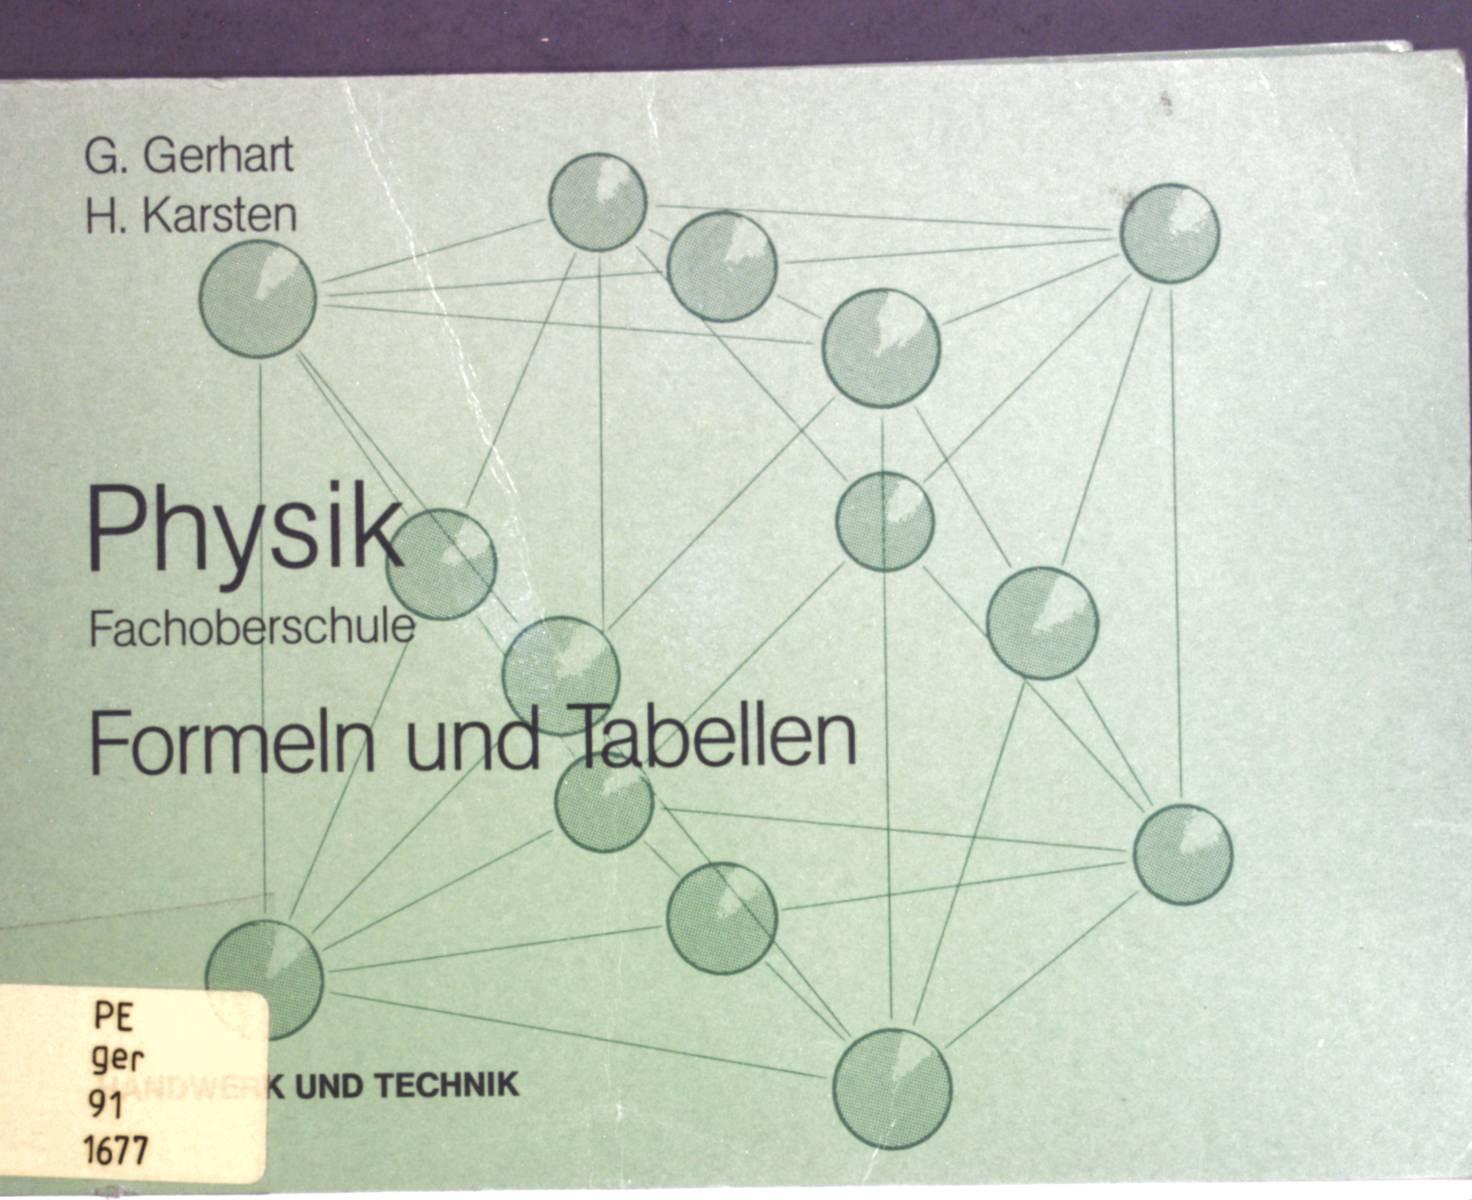 Physik Fachoberschule : Formeln und Tabellen; - Gerhart, Günter und Hubertus Karsten